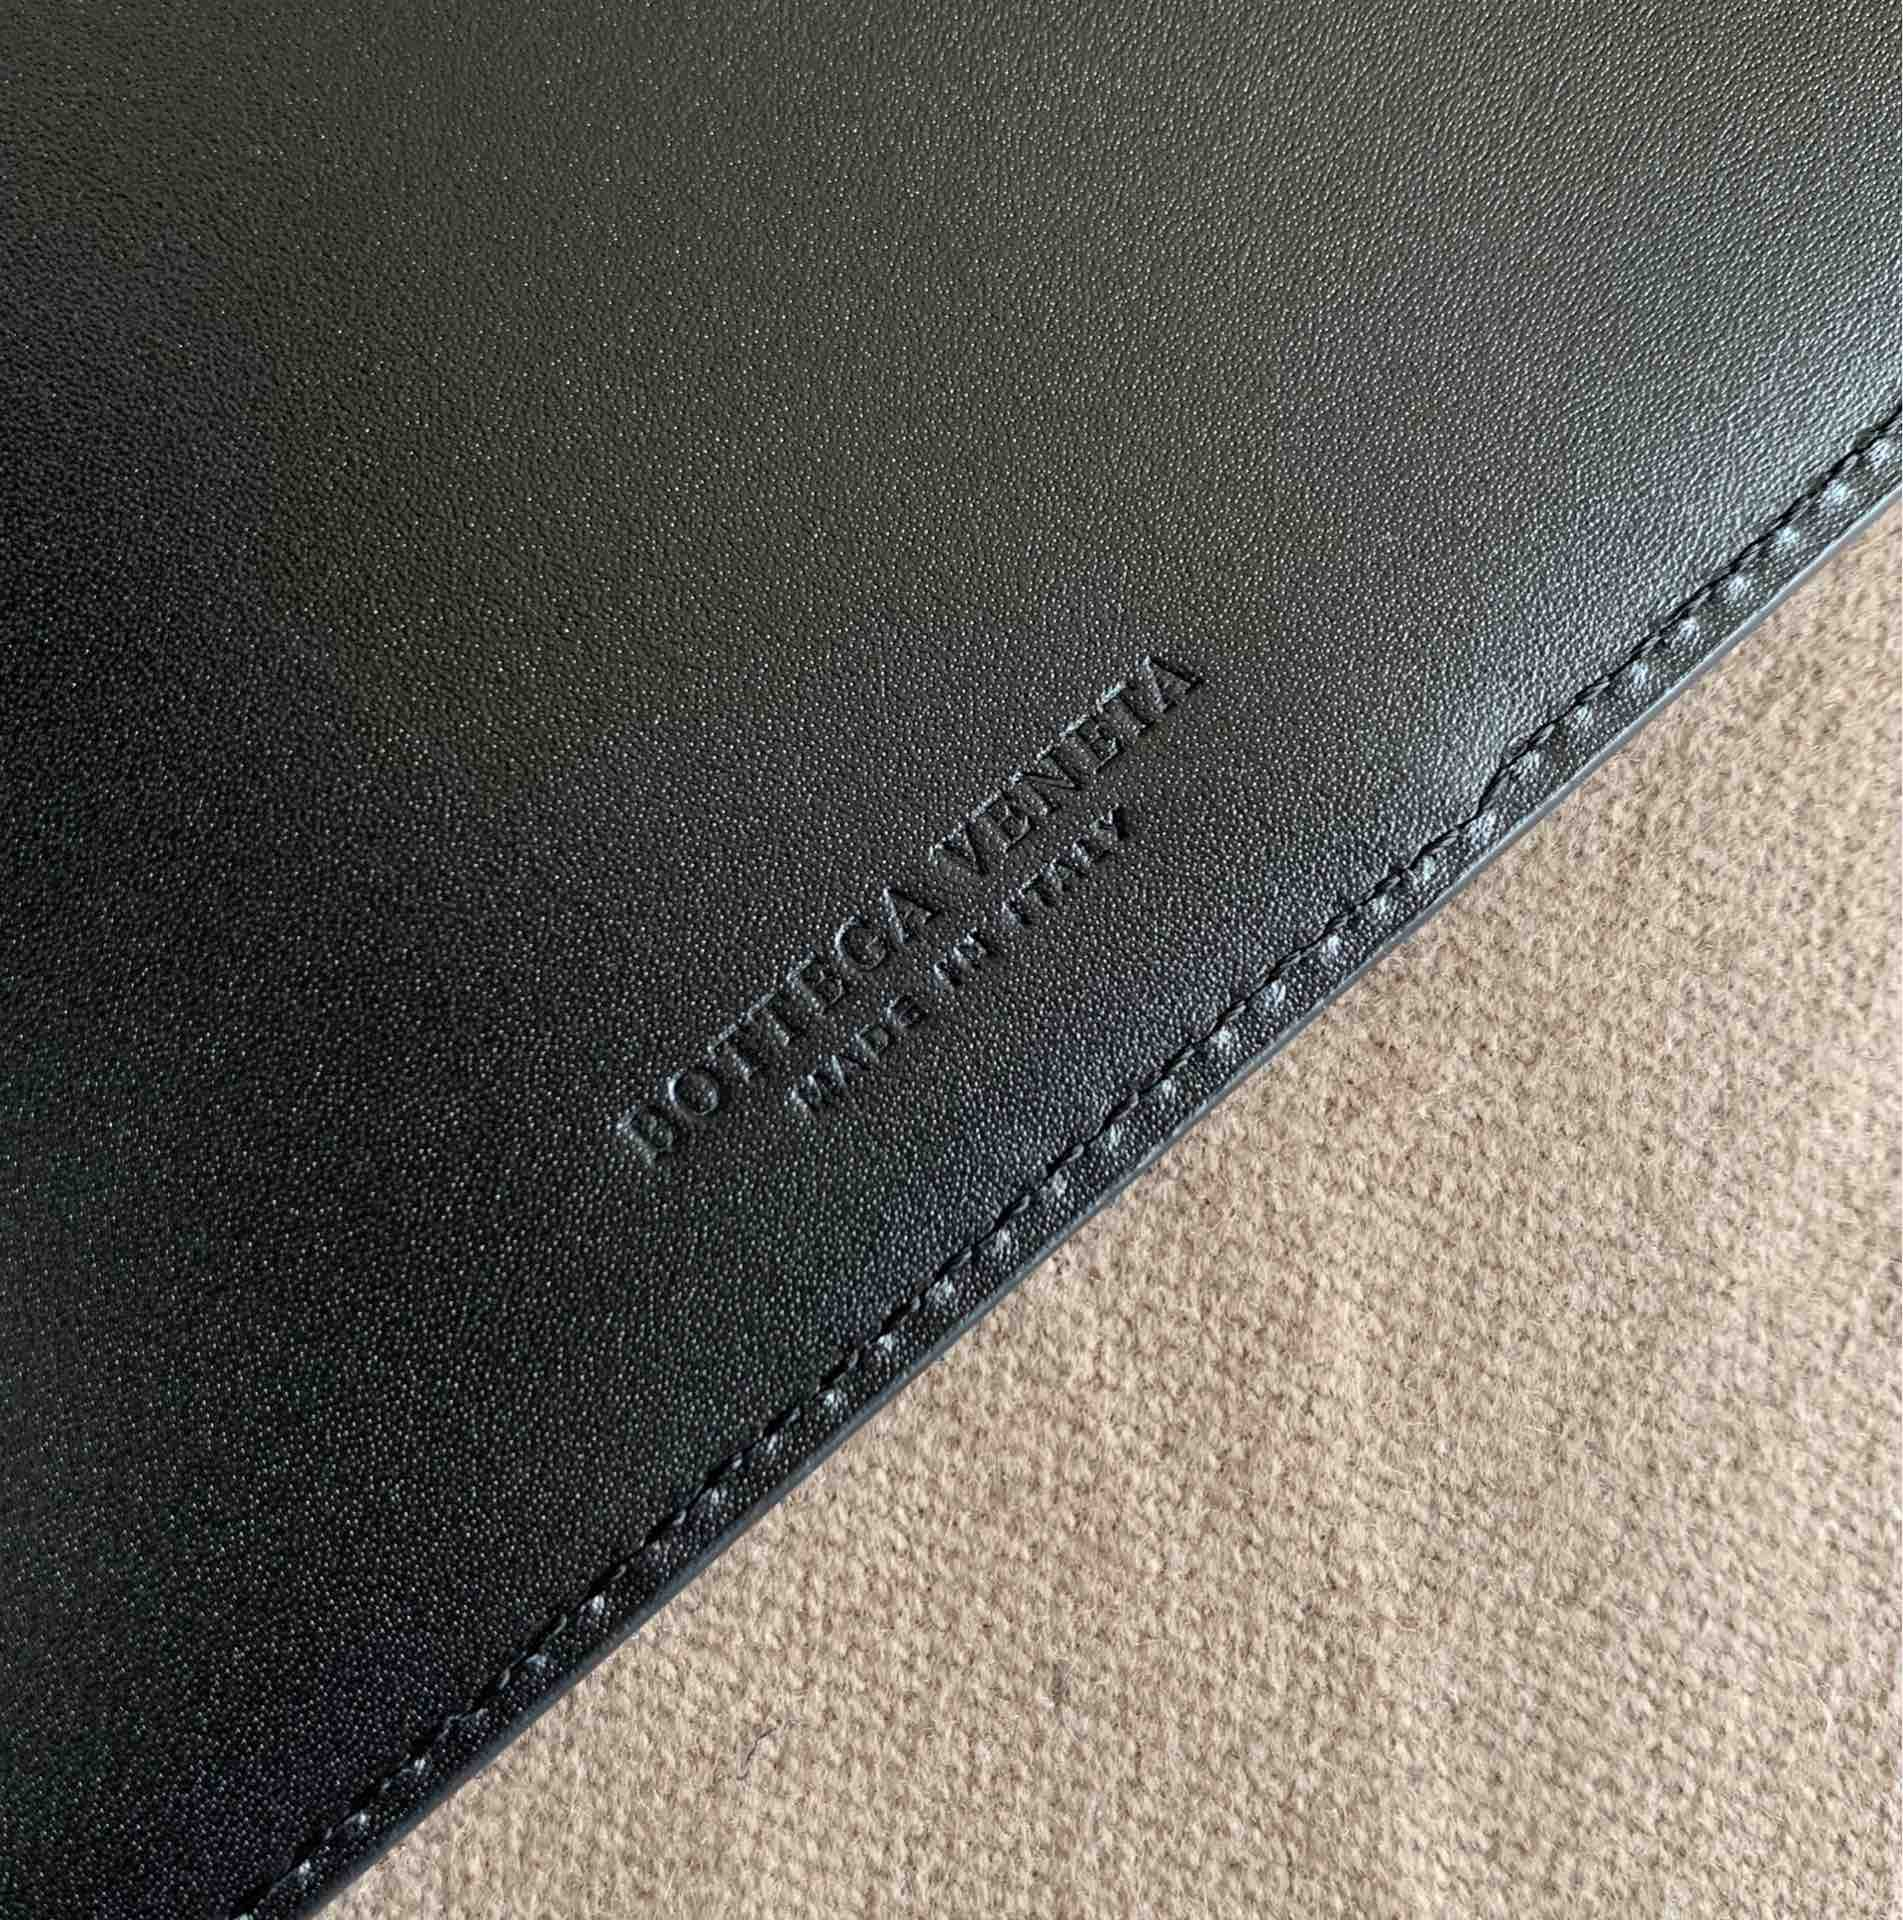 【P300】BV内袋卡包 大号 567190 10-9.5-1 黑色